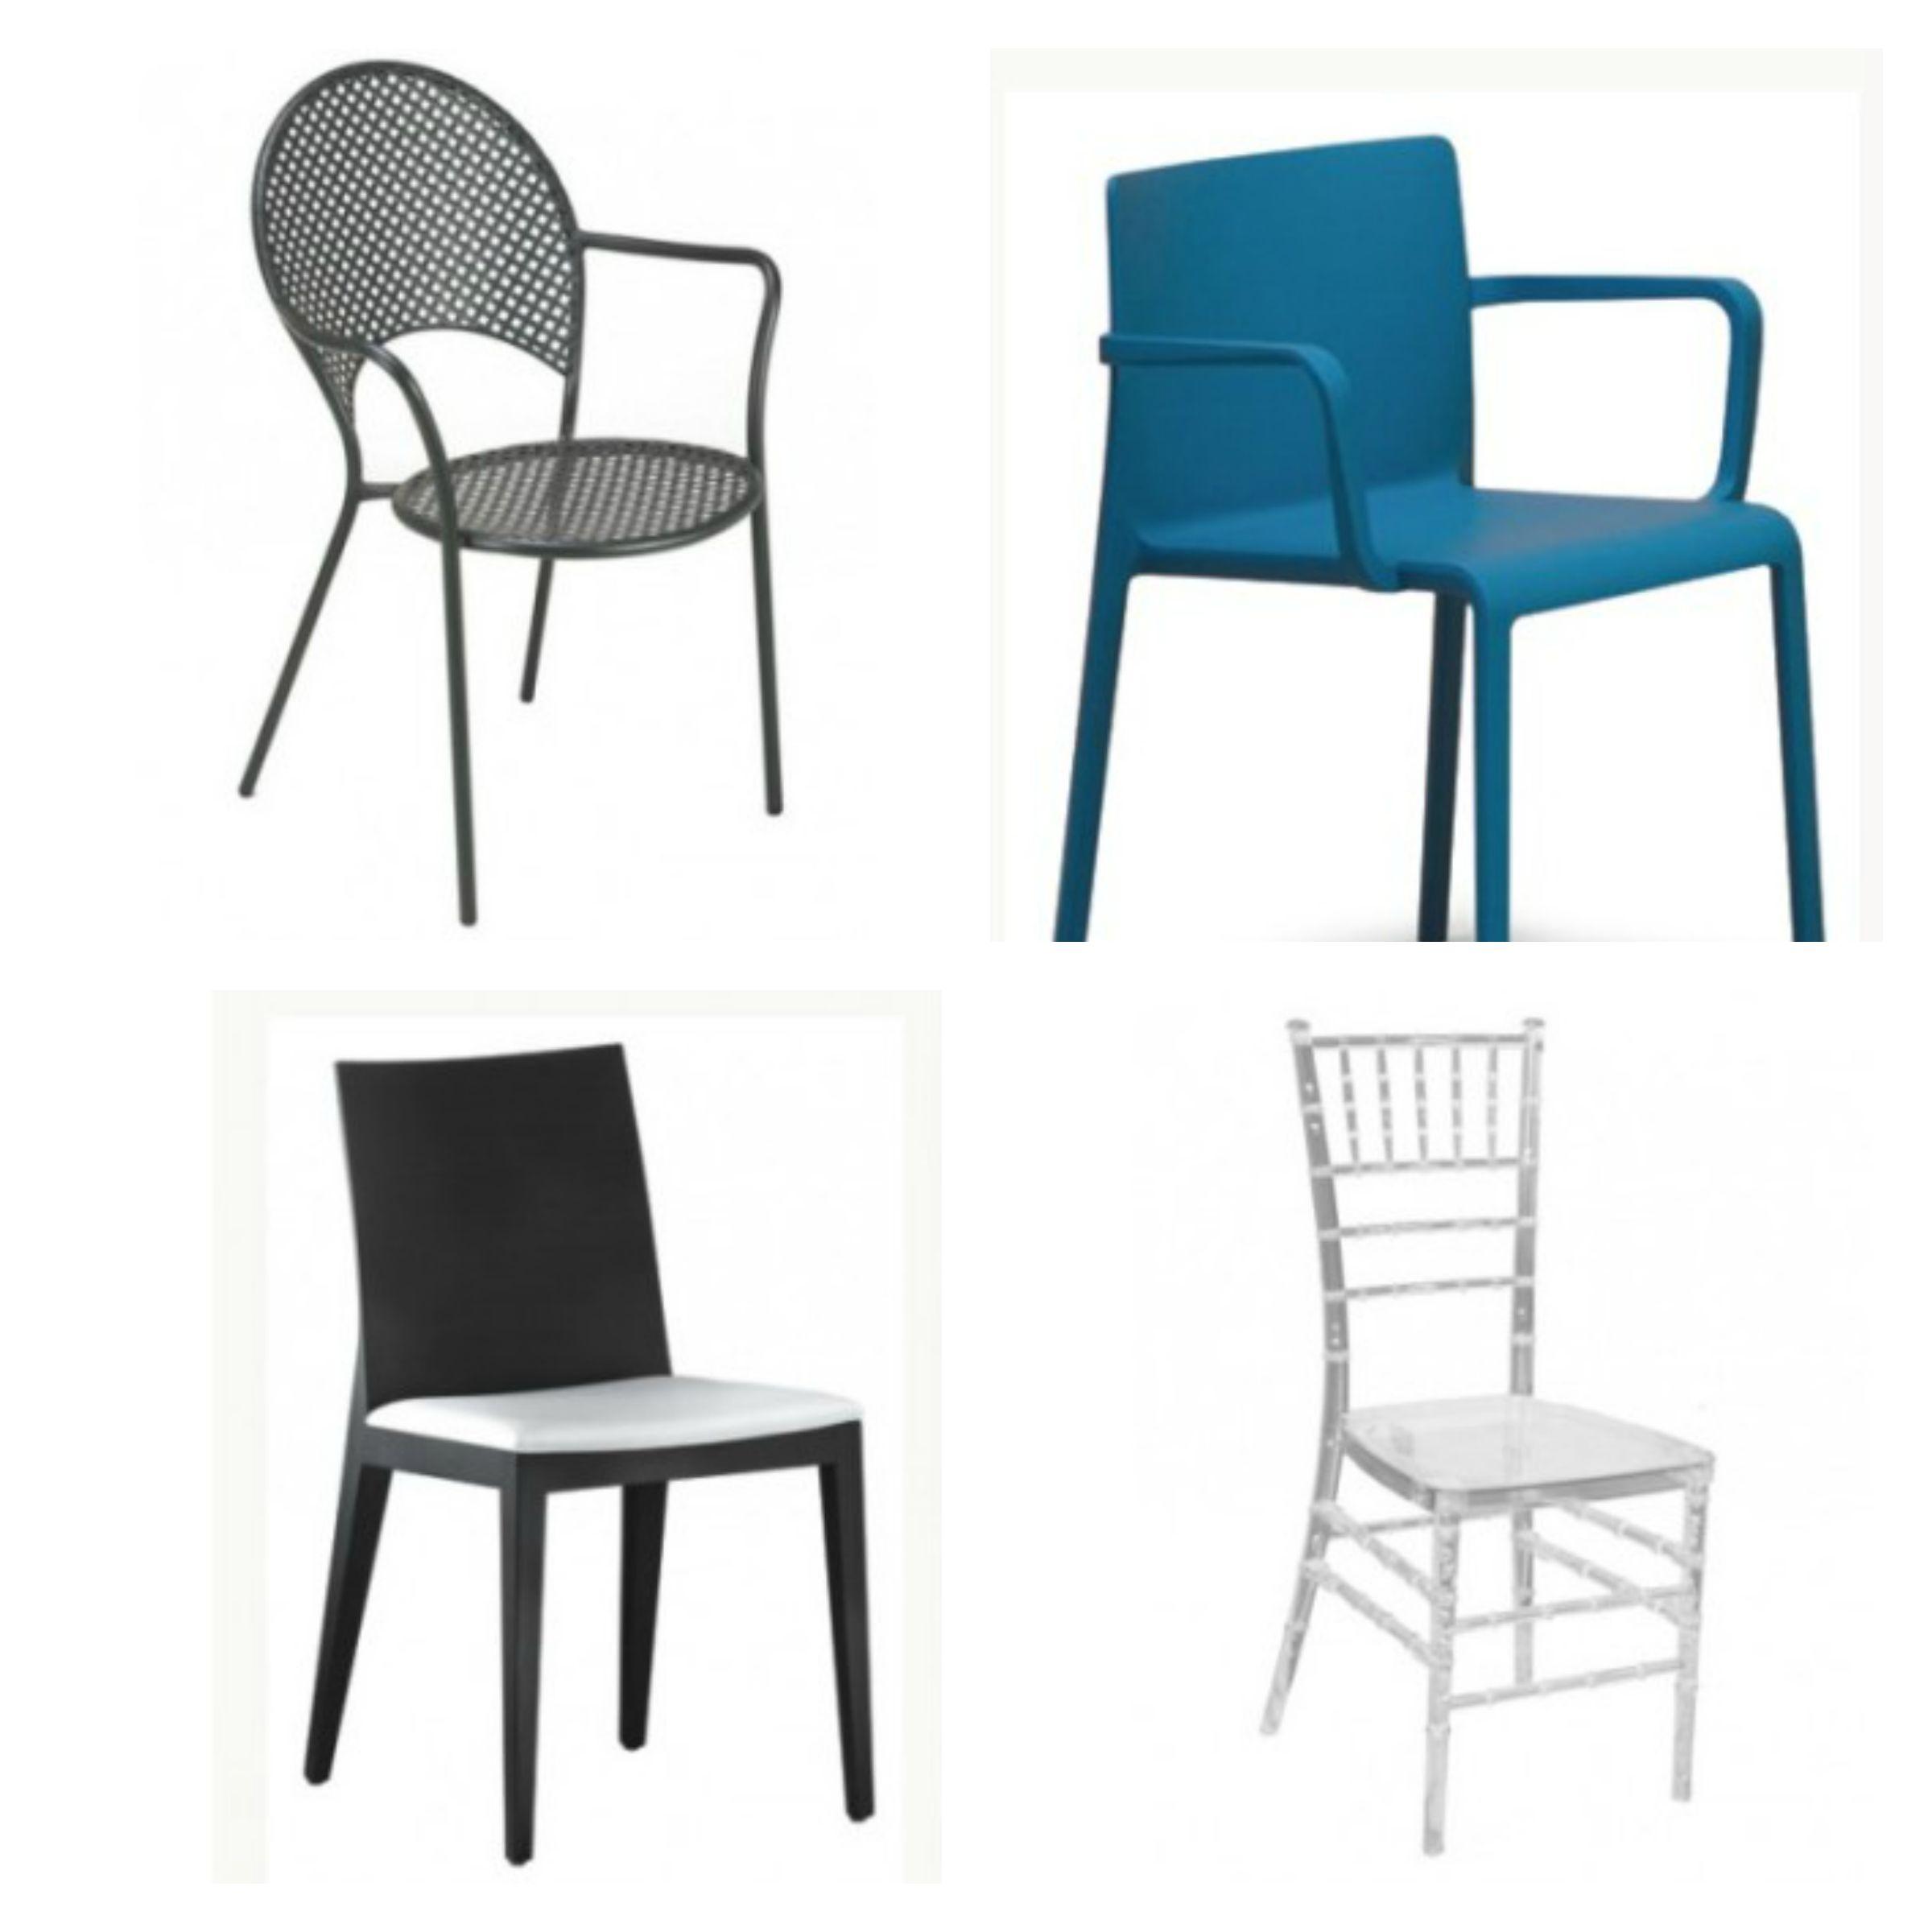 Sedie per ufficio verona aku sedie per ufficio with sedie for Sedie ufficio usate